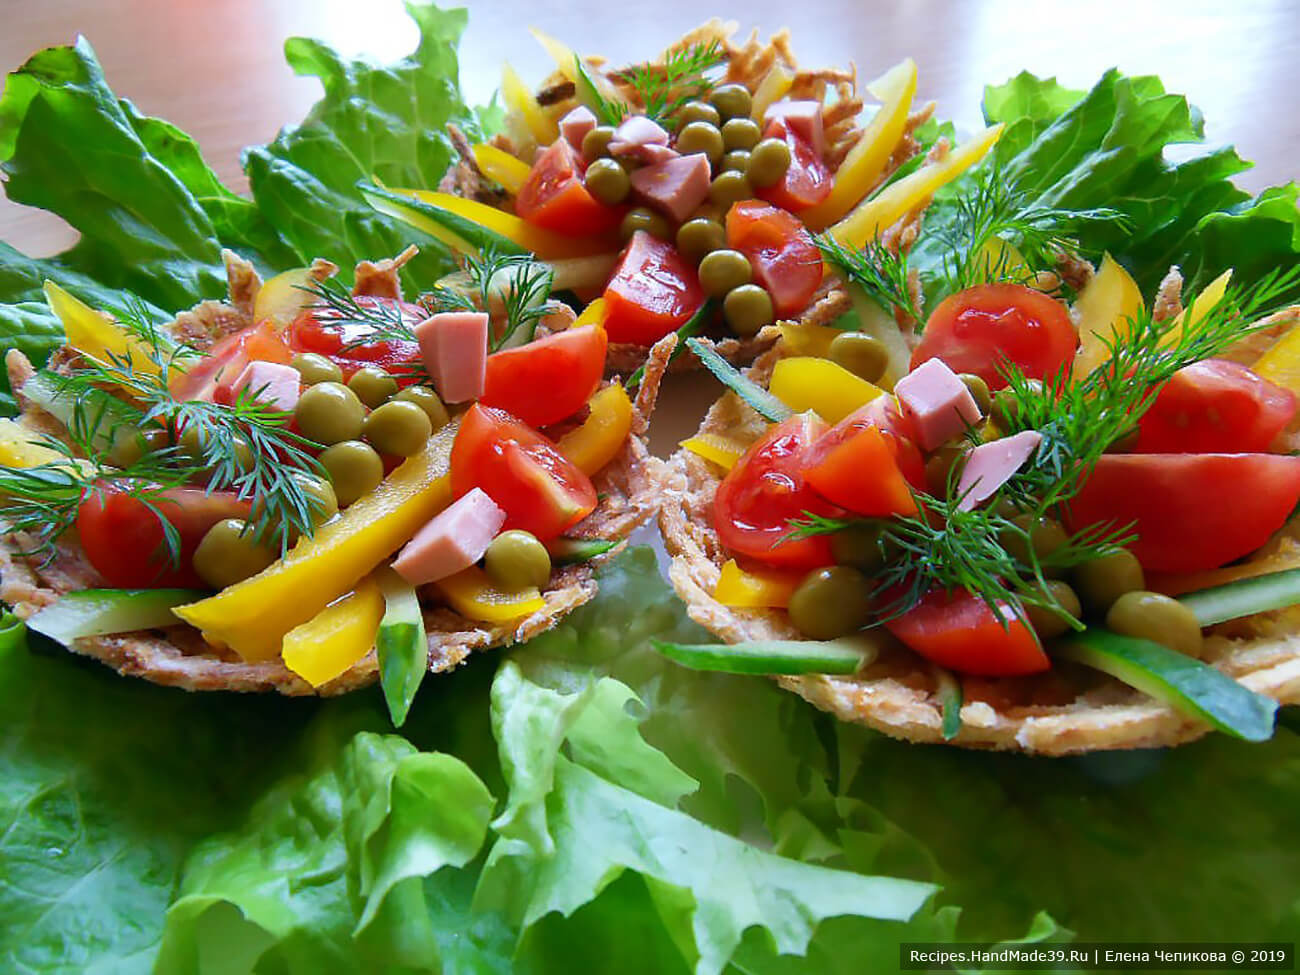 В корзинках можно подавать разнообразные овощные и мясные салаты, паштеты